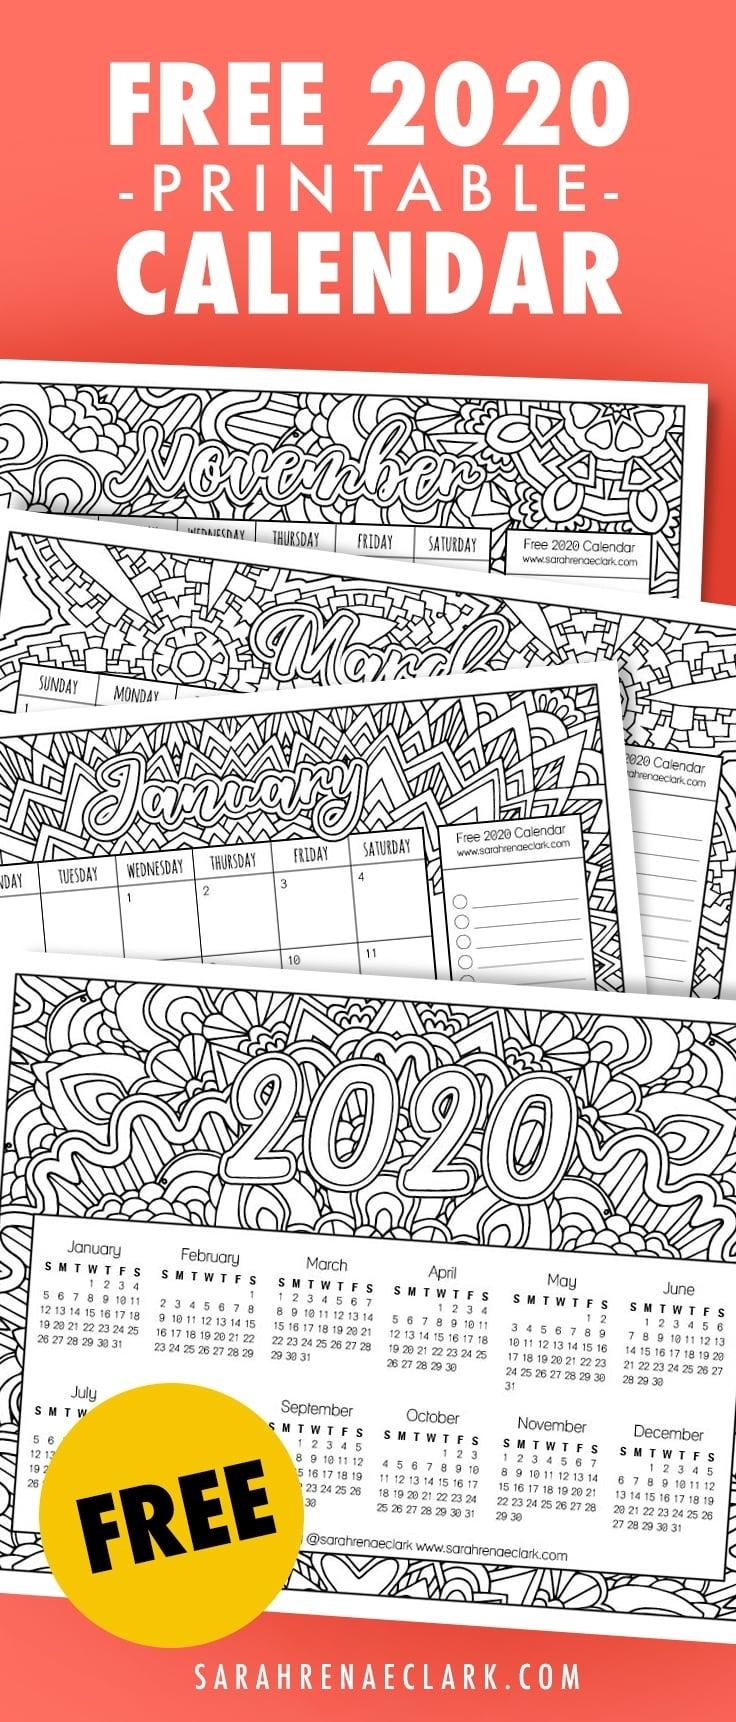 Free 2020 Printable Coloring Calendar -Sarah Renae Clark in Adult Coloring 2020 Calendar Printable